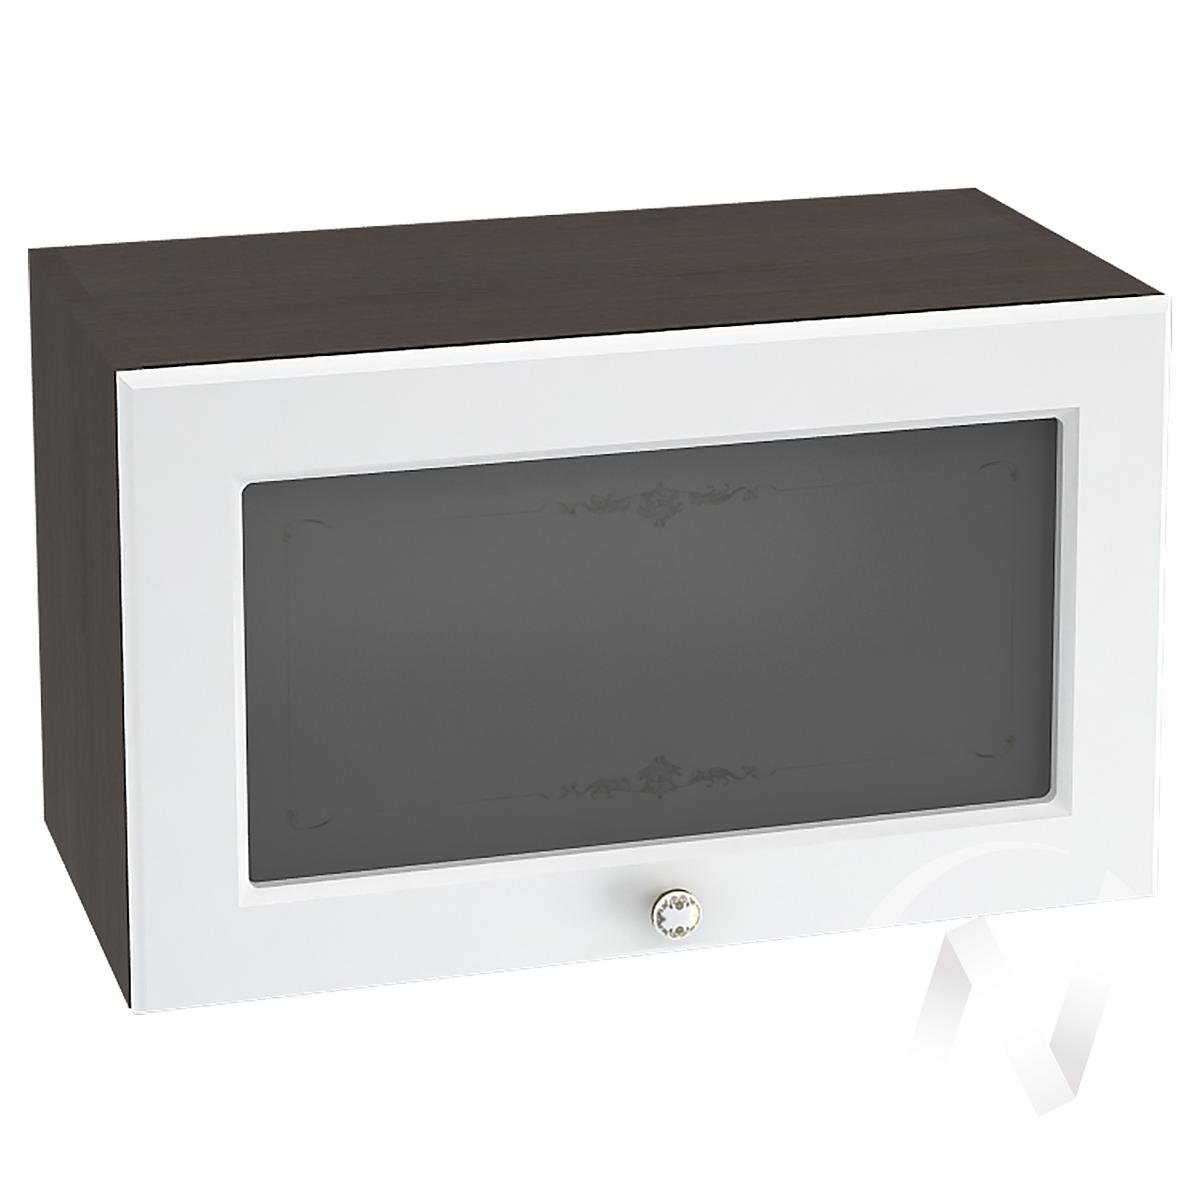 """Кухня """"Шарлиз"""": Шкаф верхний горизонтальный со стеклом 600, ШВГС 600 (корпус венге)"""